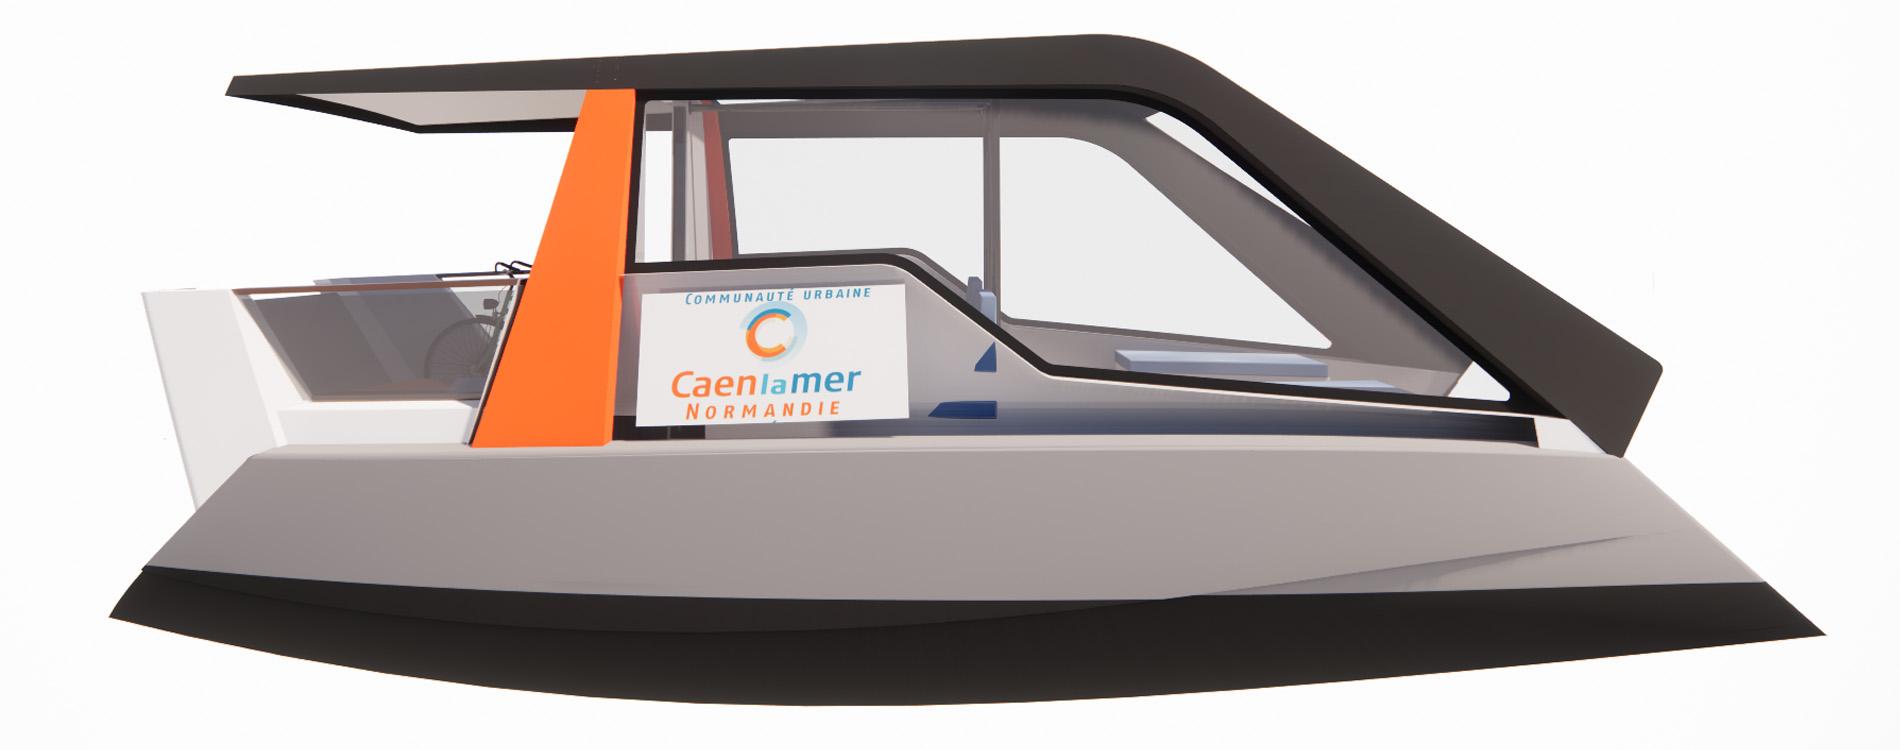 NEAC-autonomous-electric-shuttle-Conception-Vincent-Lebailly-Architecture-naval-maritime-river-Transport